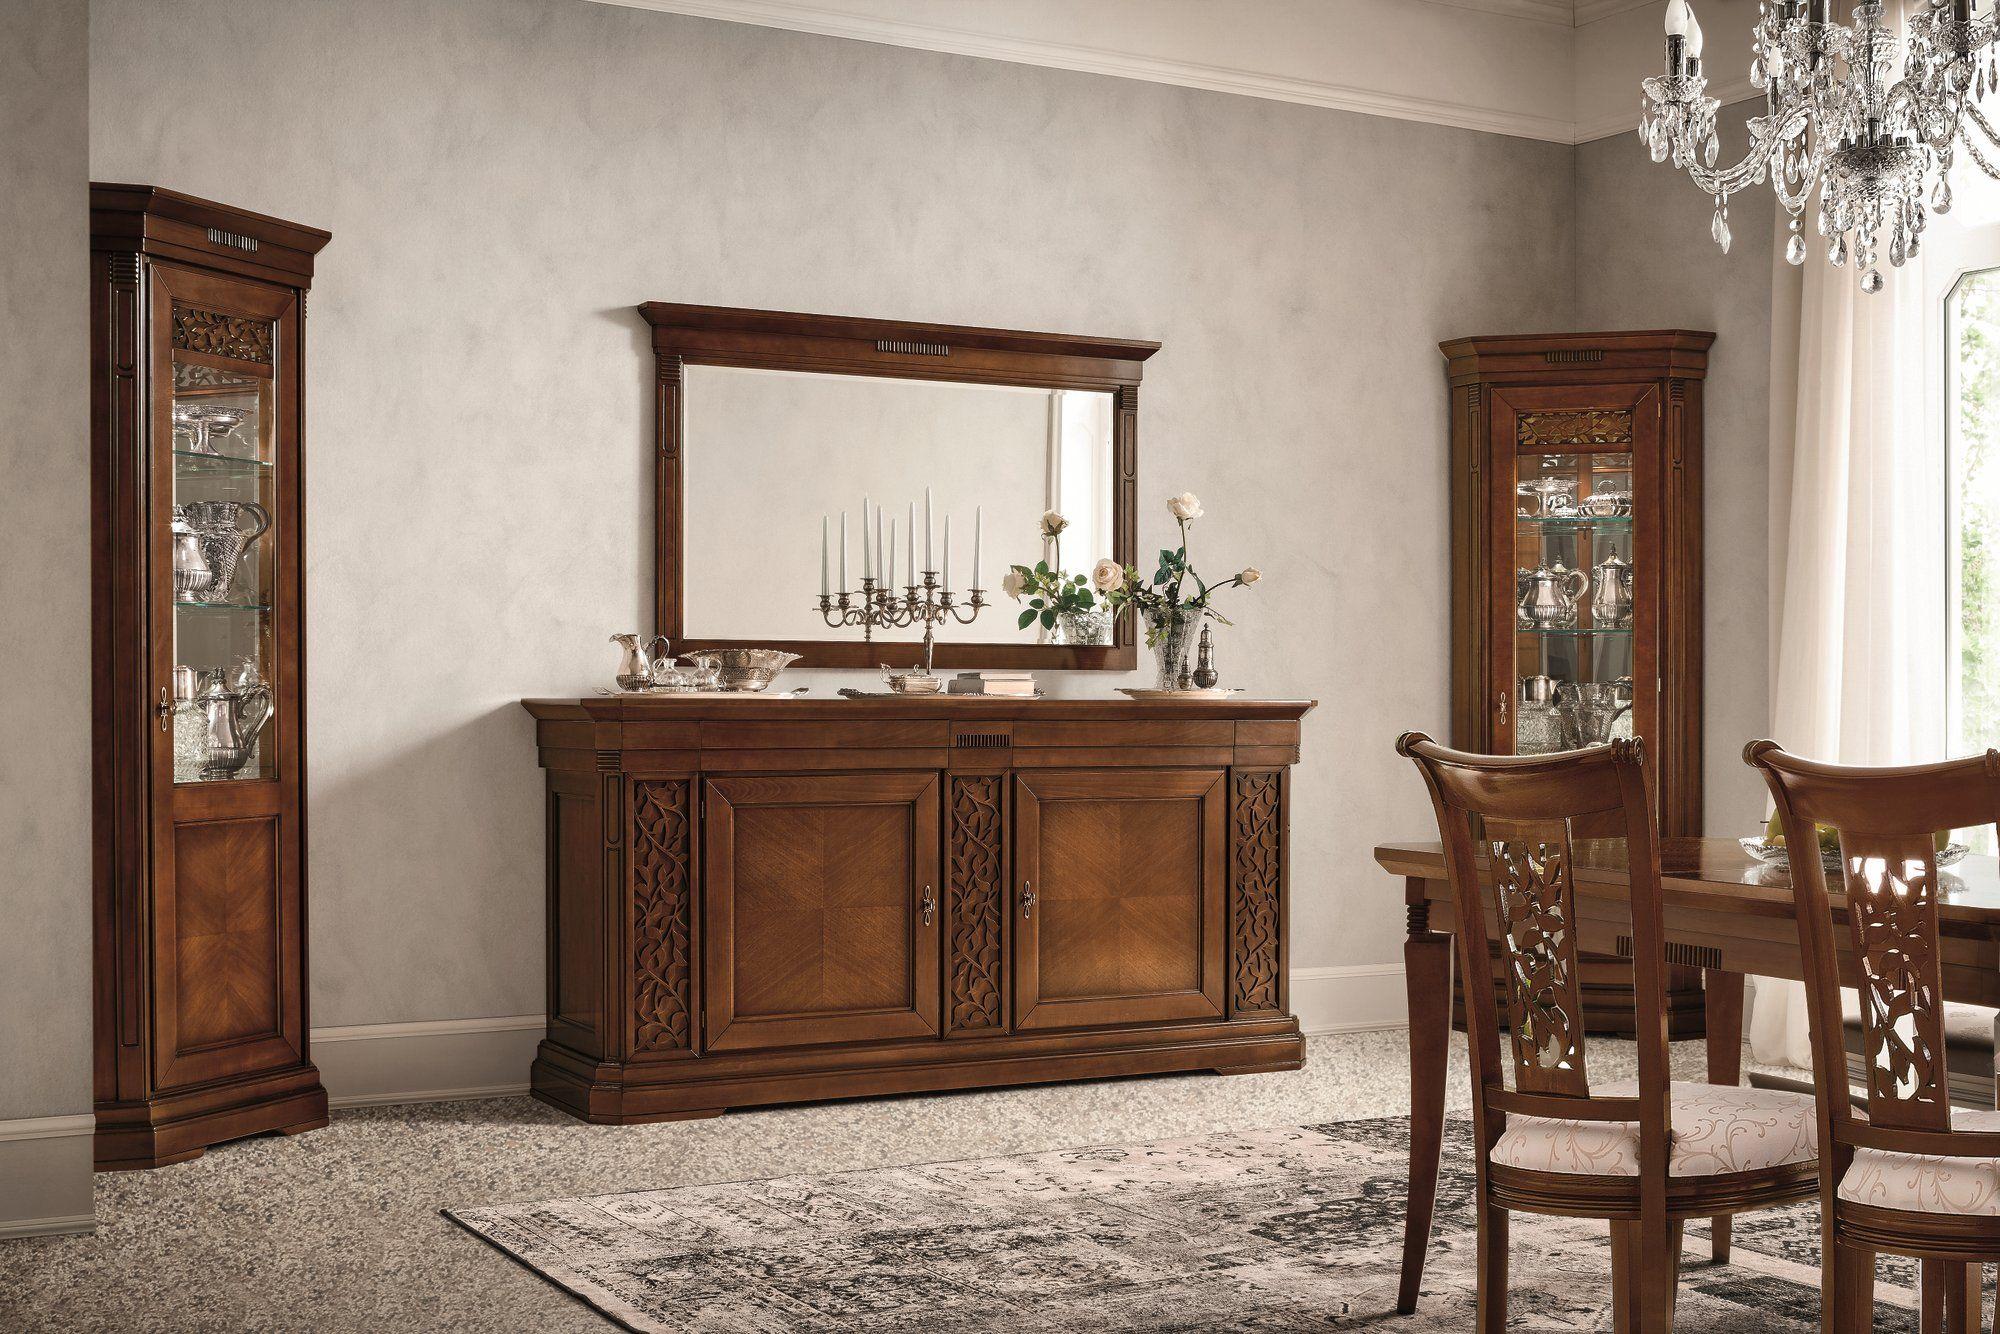 Specchio in noce a parete con cornice tiffany collezione tiffany noce by dall agnese design - Dall agnese mobili classici ...